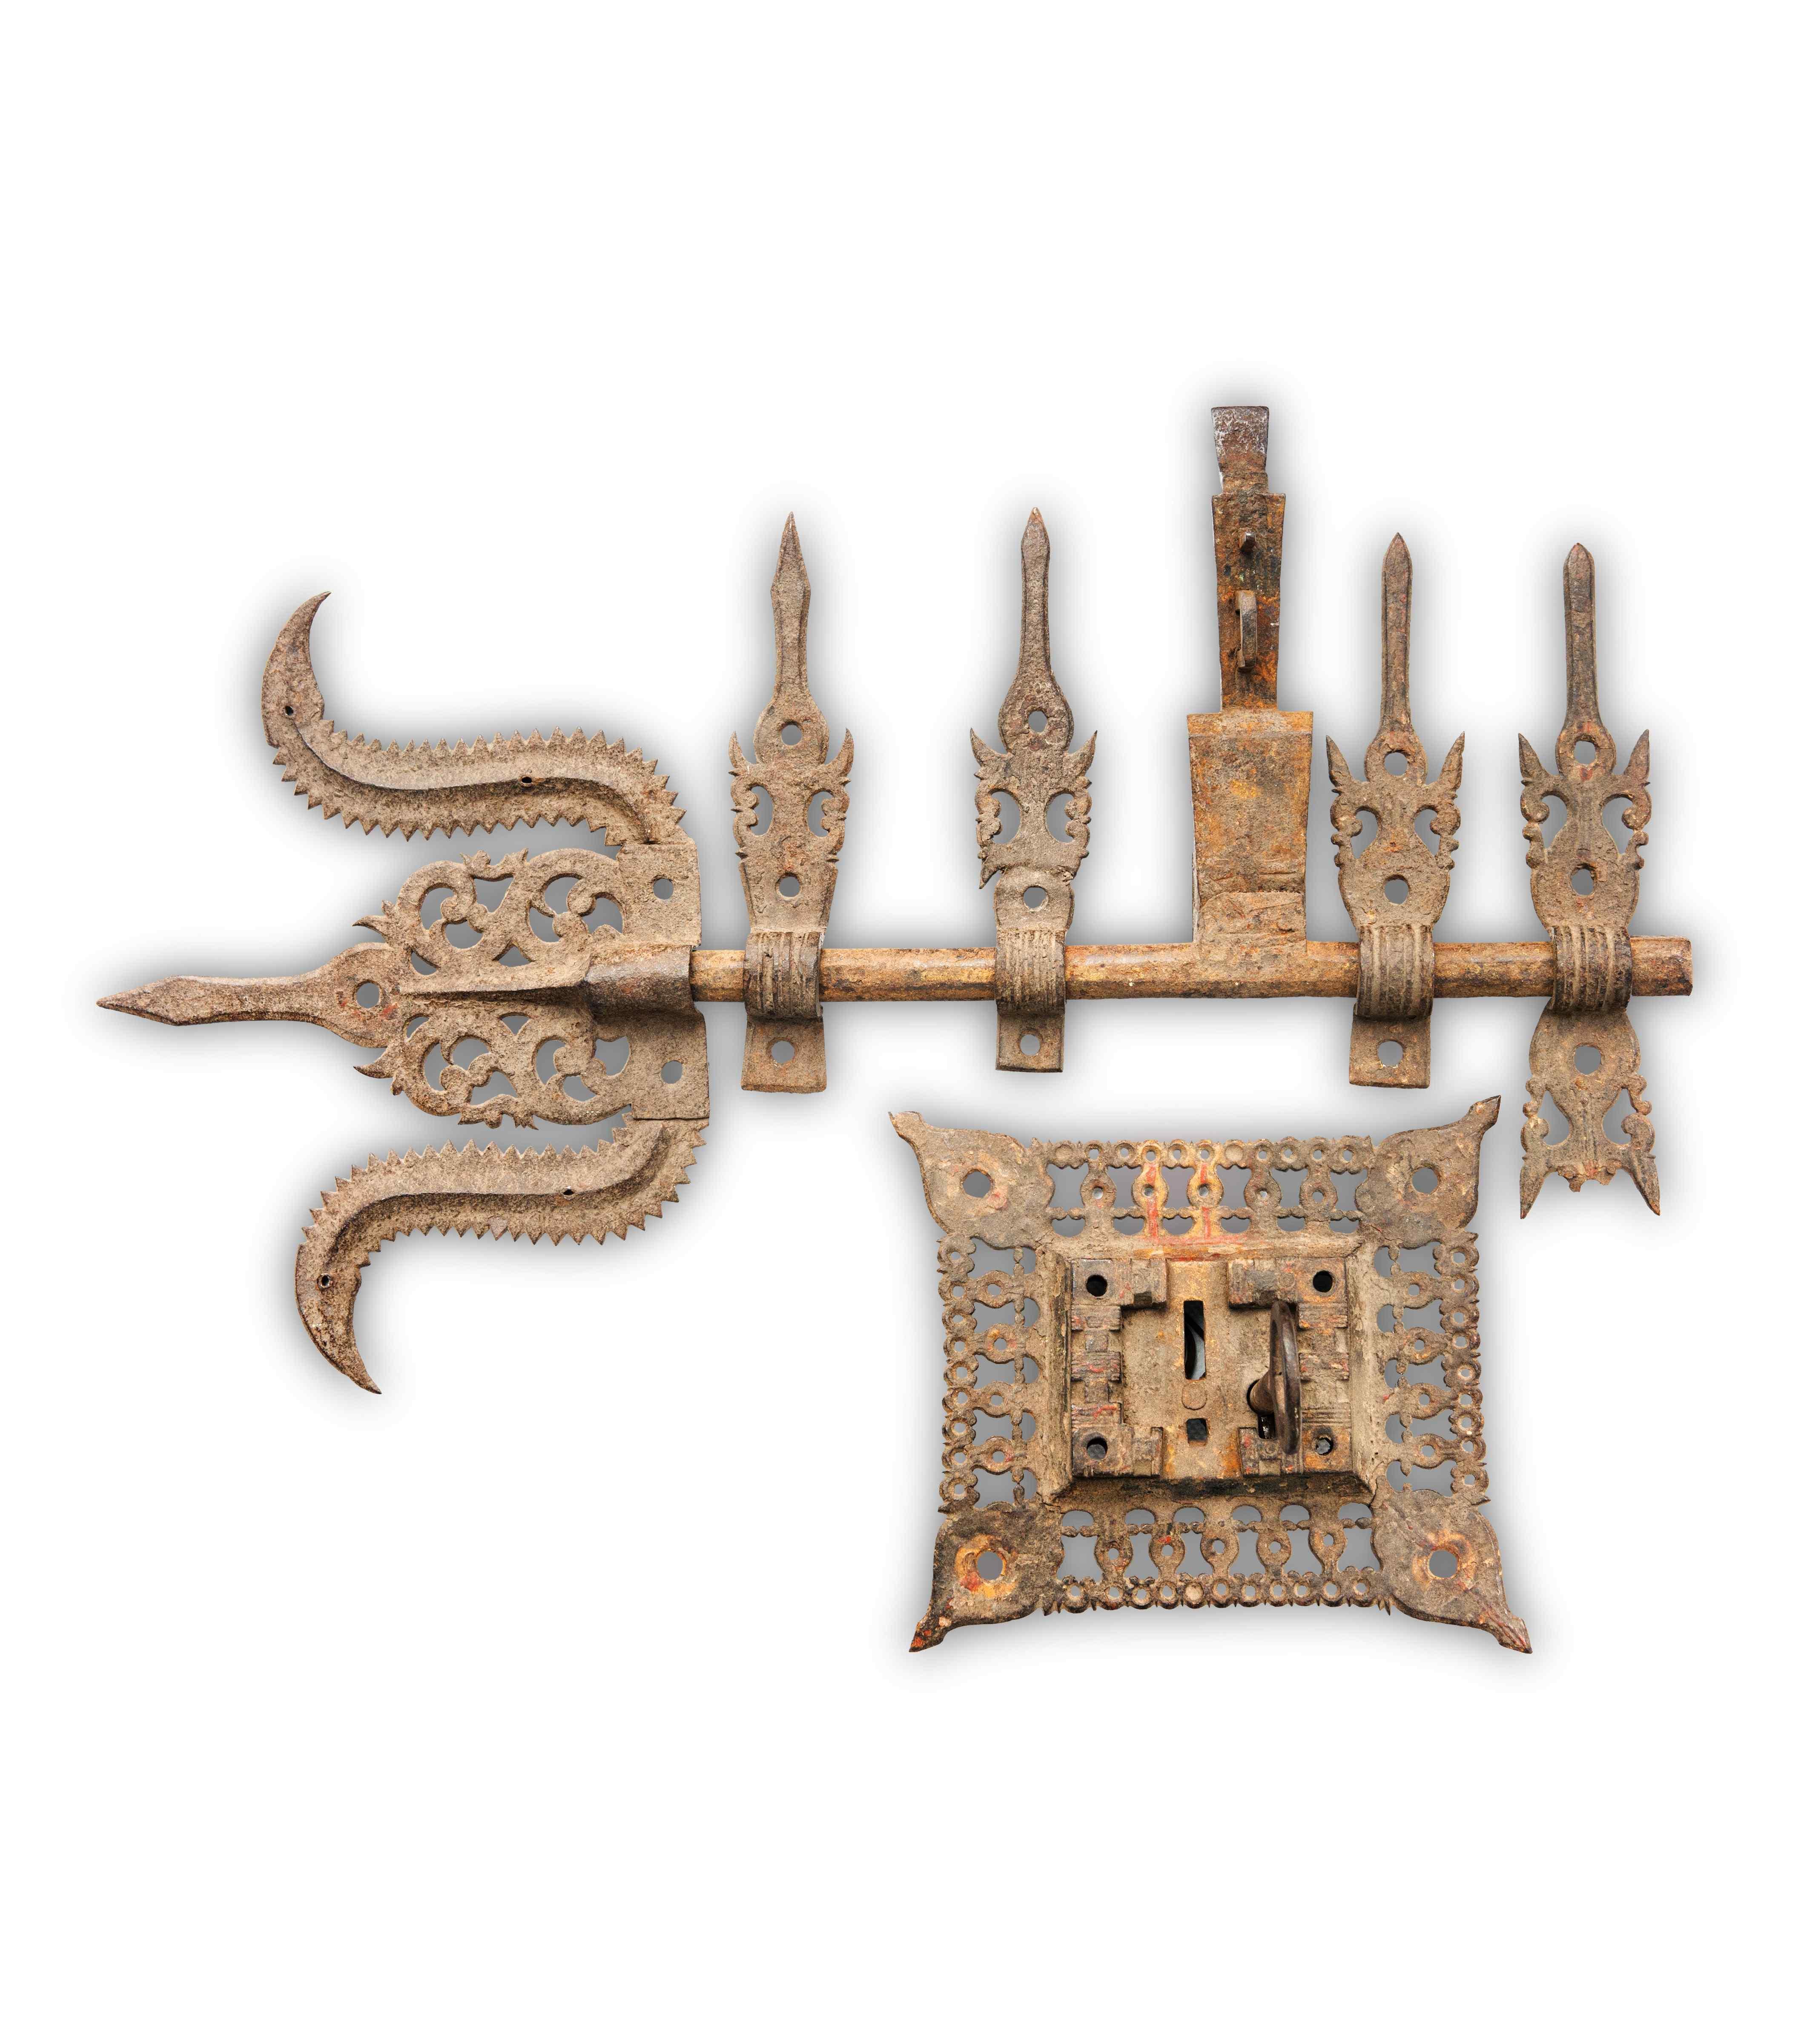 Antica serratura in ferro, India